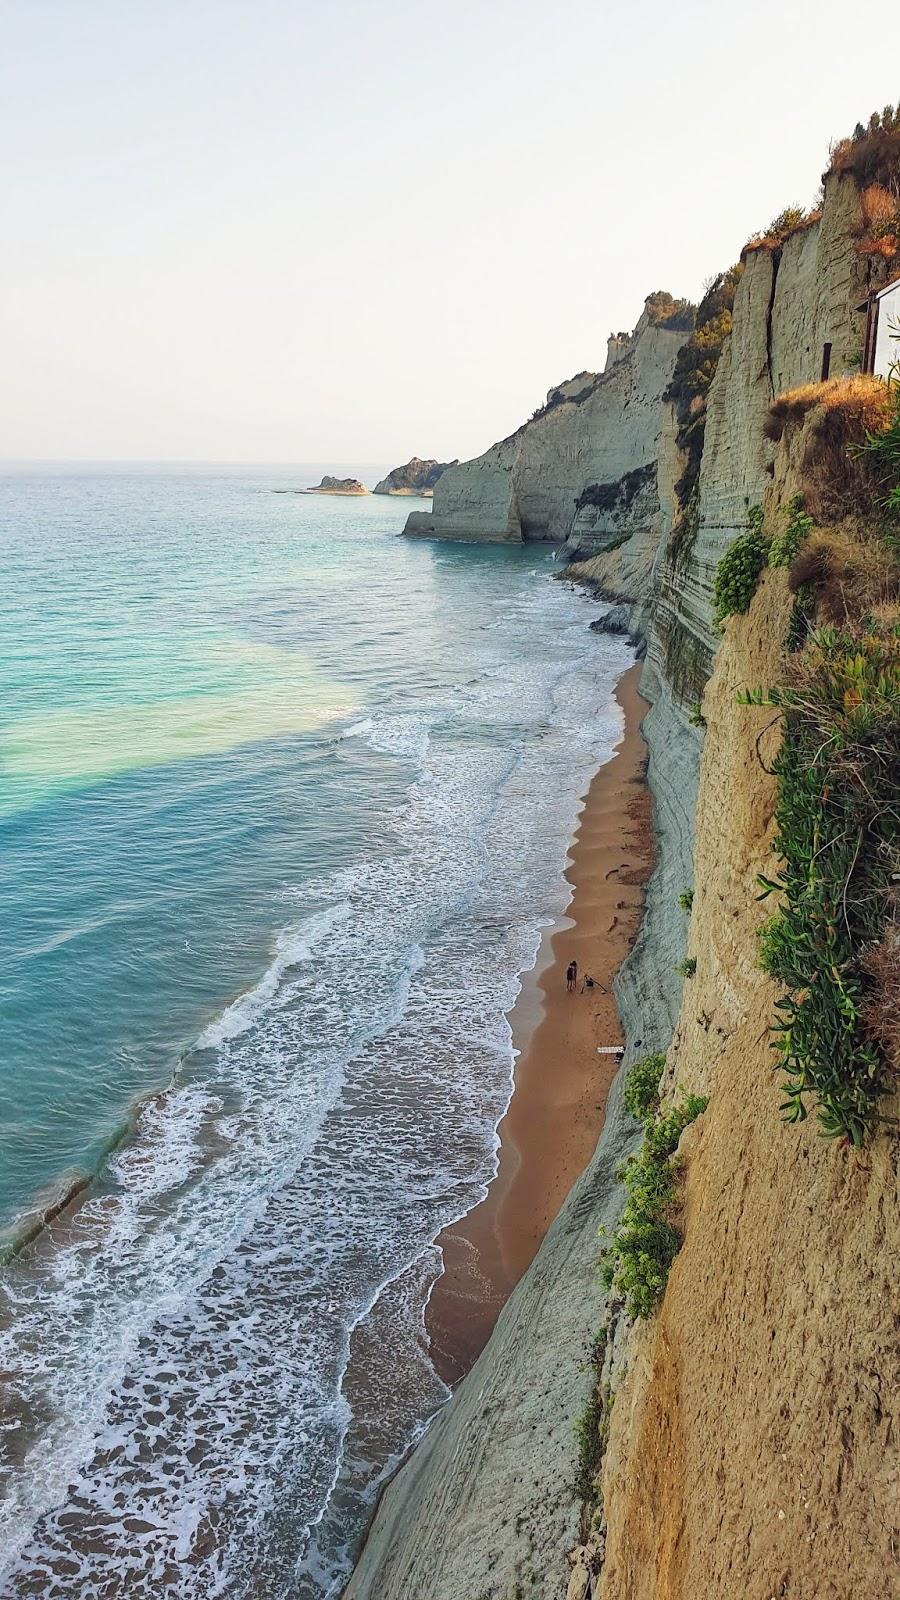 Road trip po północno-zachodnim wybrzeżu Korfu | najpiękniejsze miejsca na Korfu, które warto zobaczyć